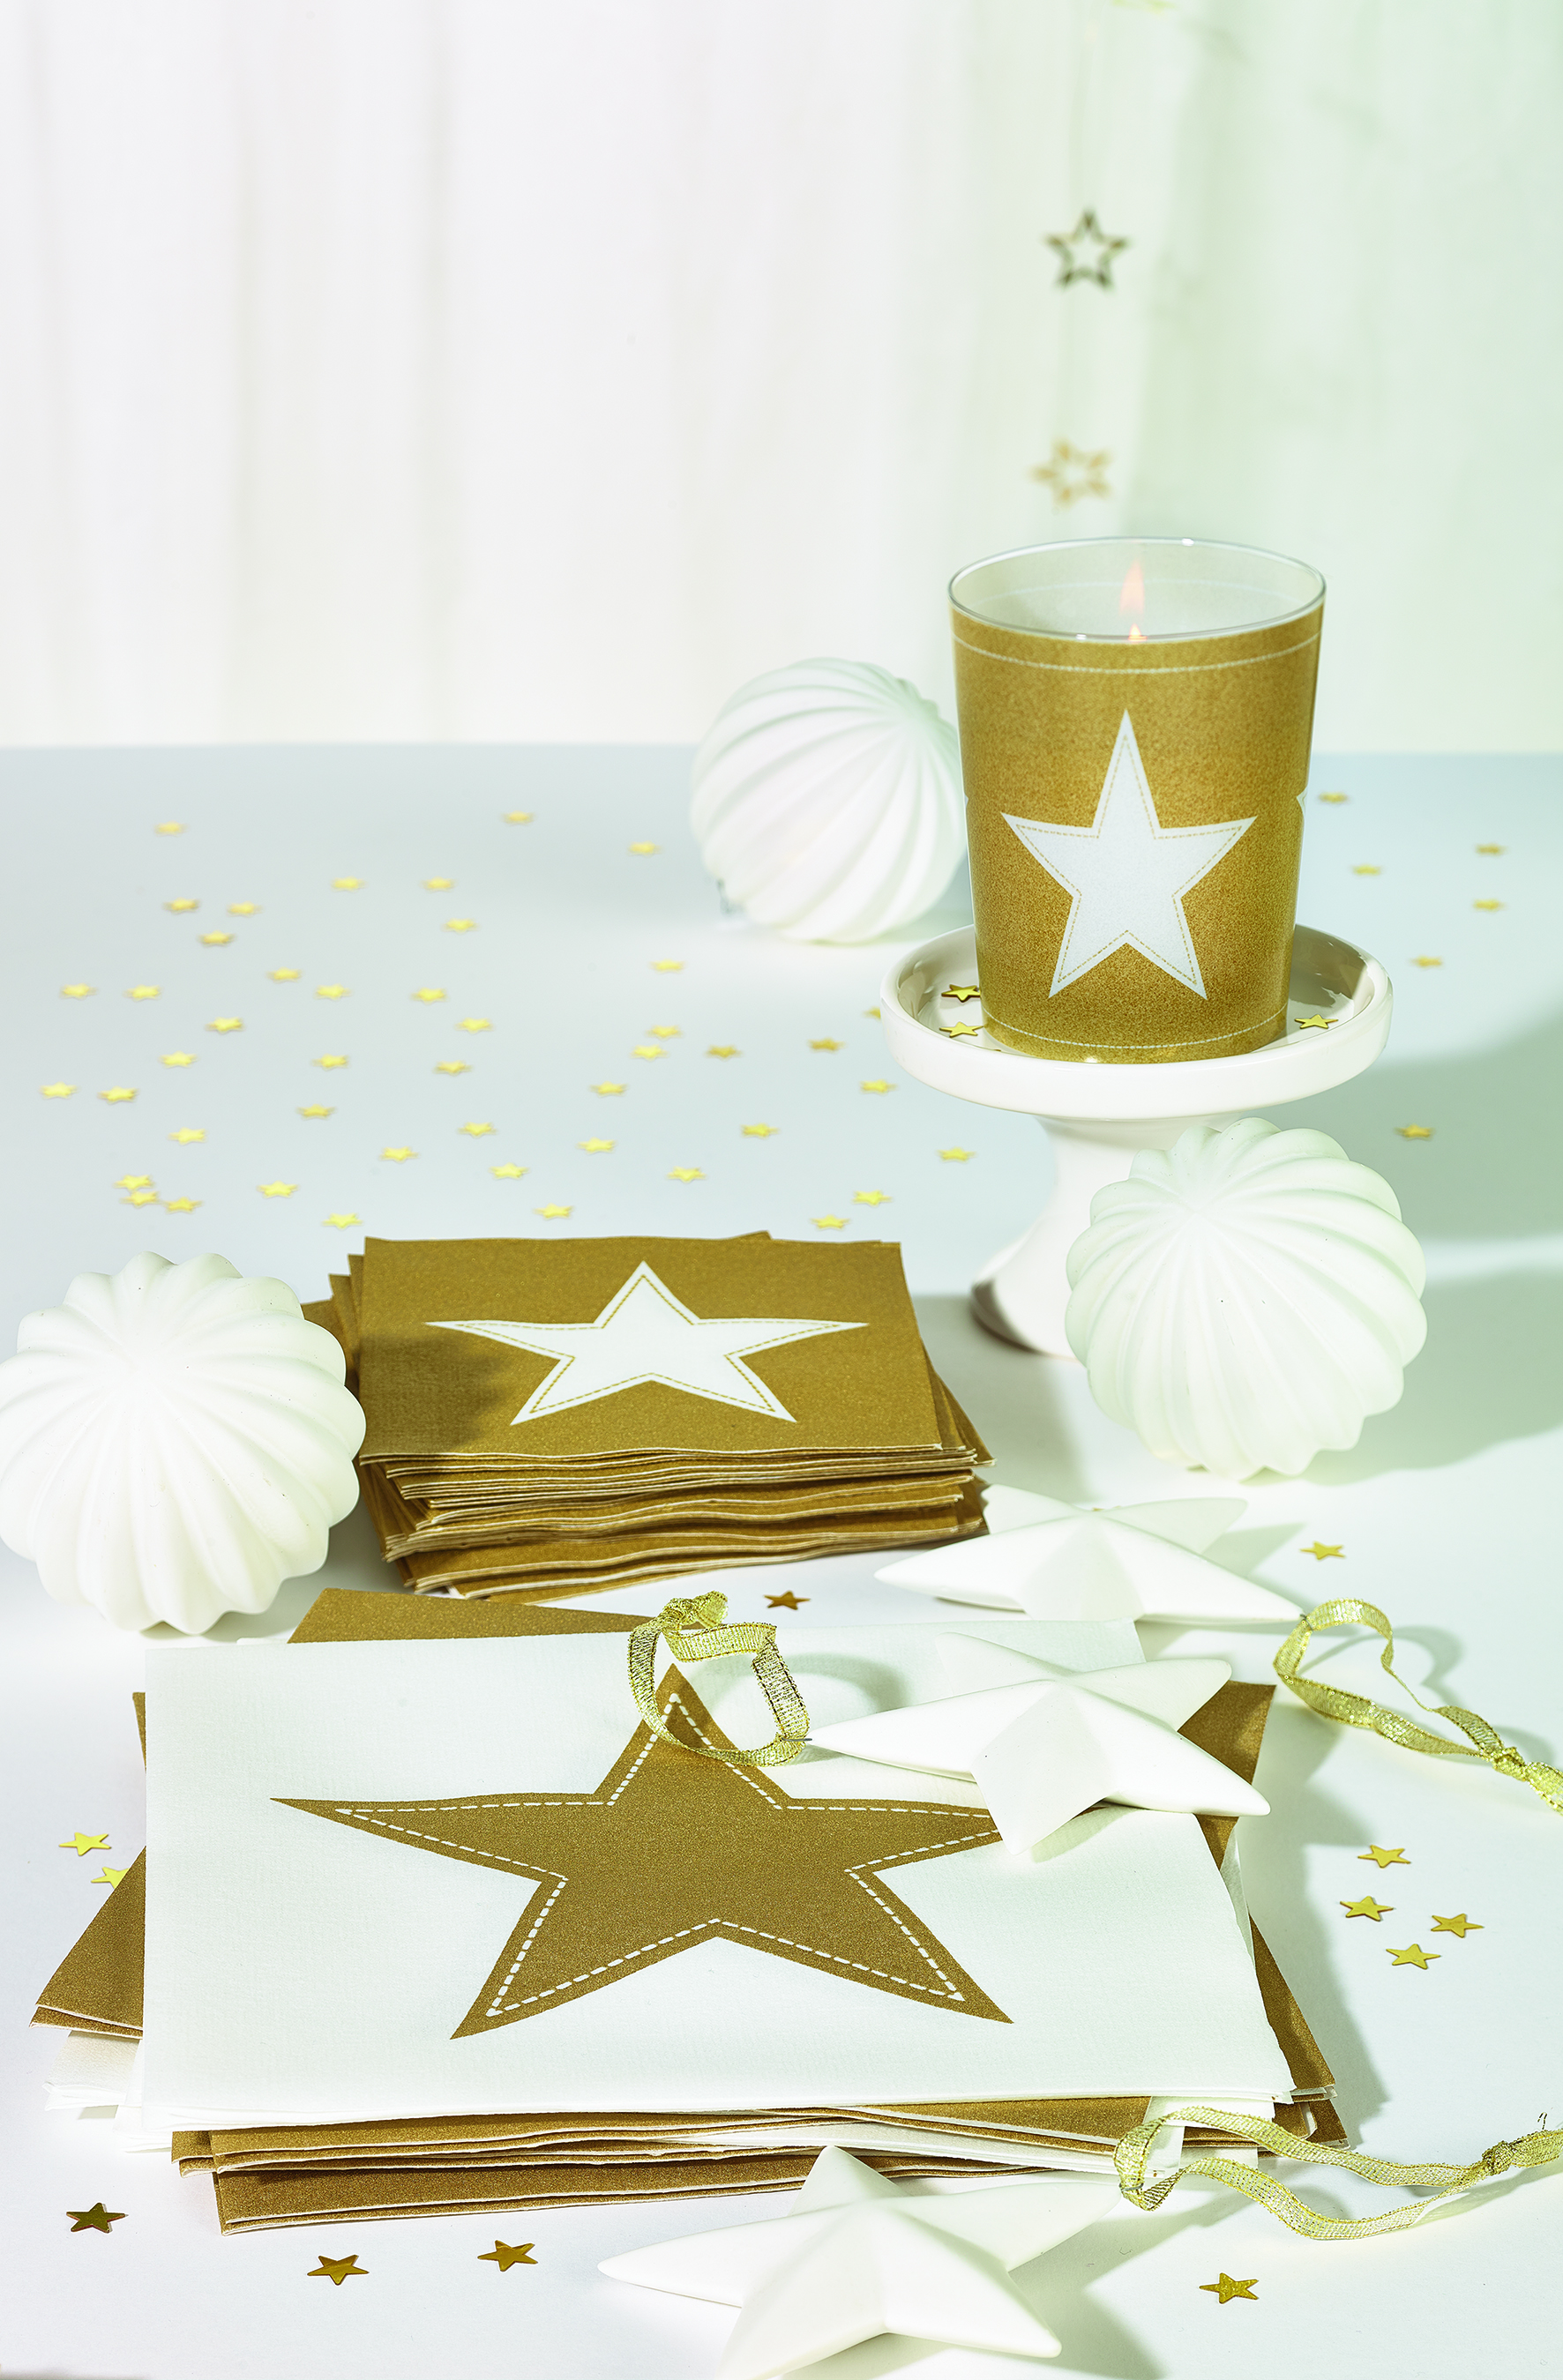 Kerst tafel dekken met veel goud! - Christmaholic.nl